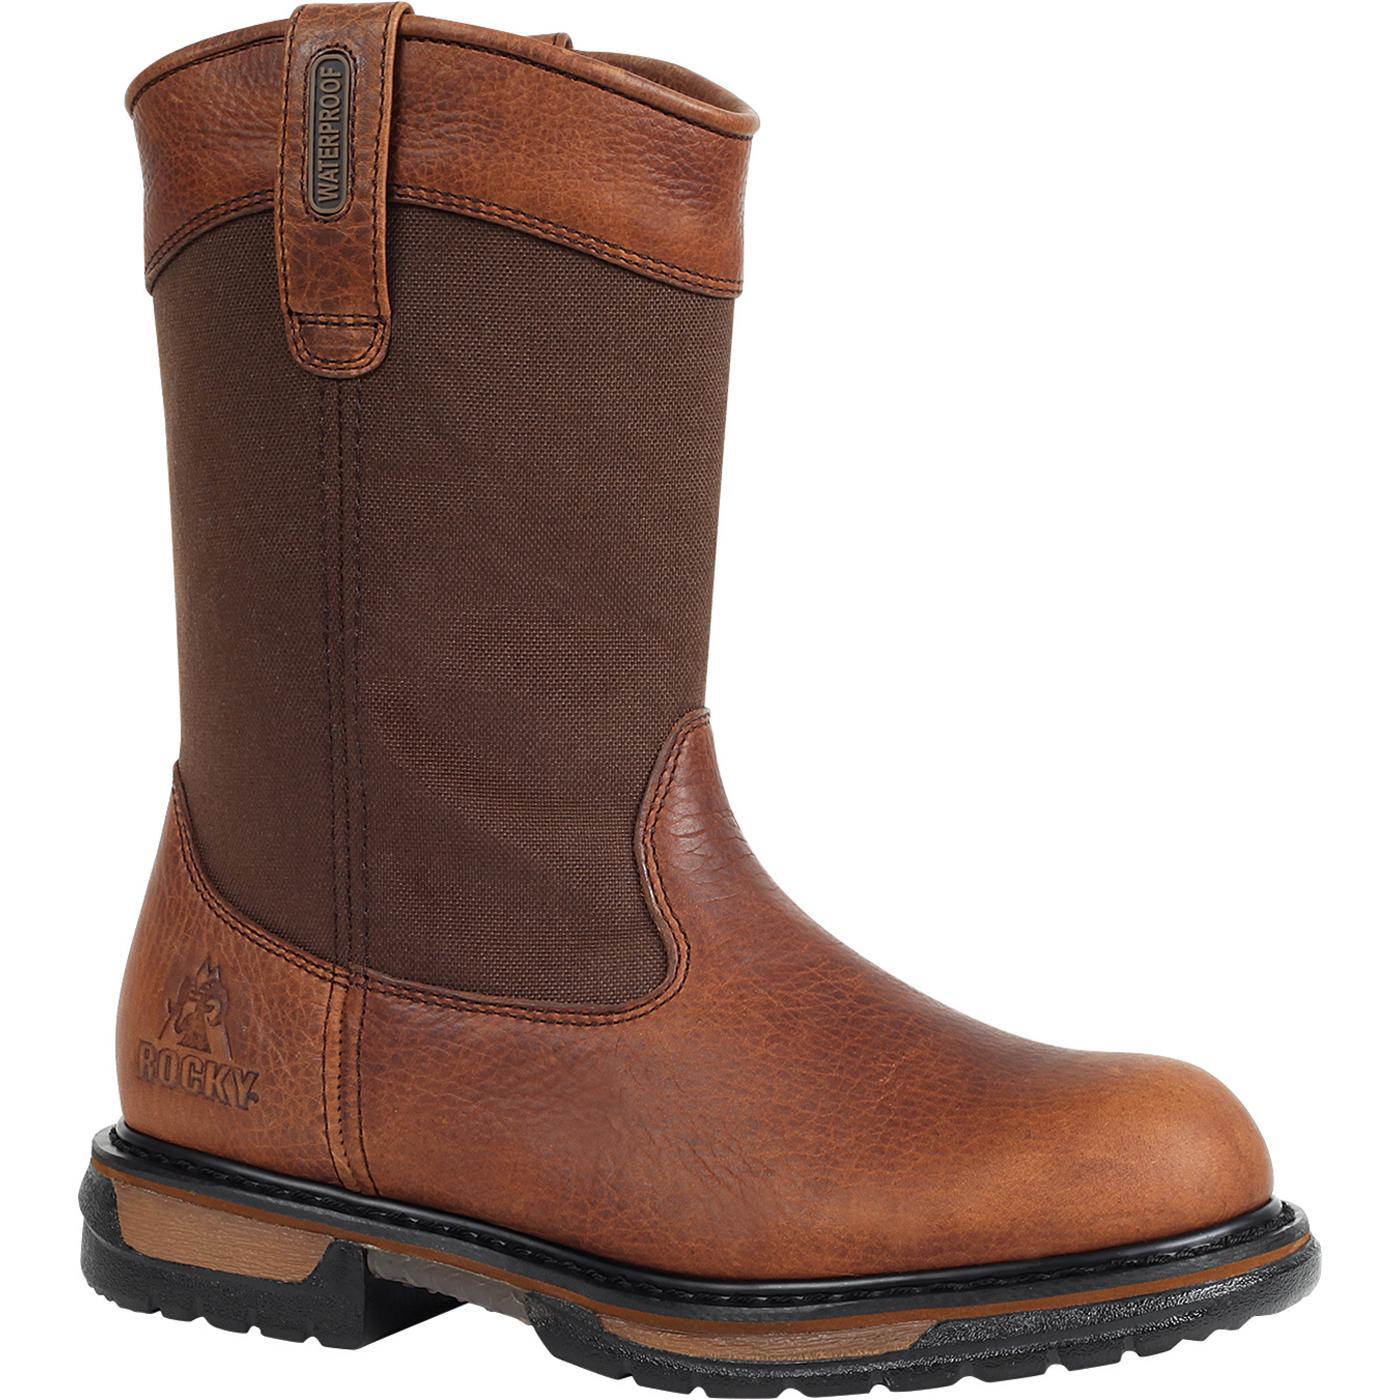 f20ea1fff17 Rocky IronClad Waterproof Wellington Work Boot